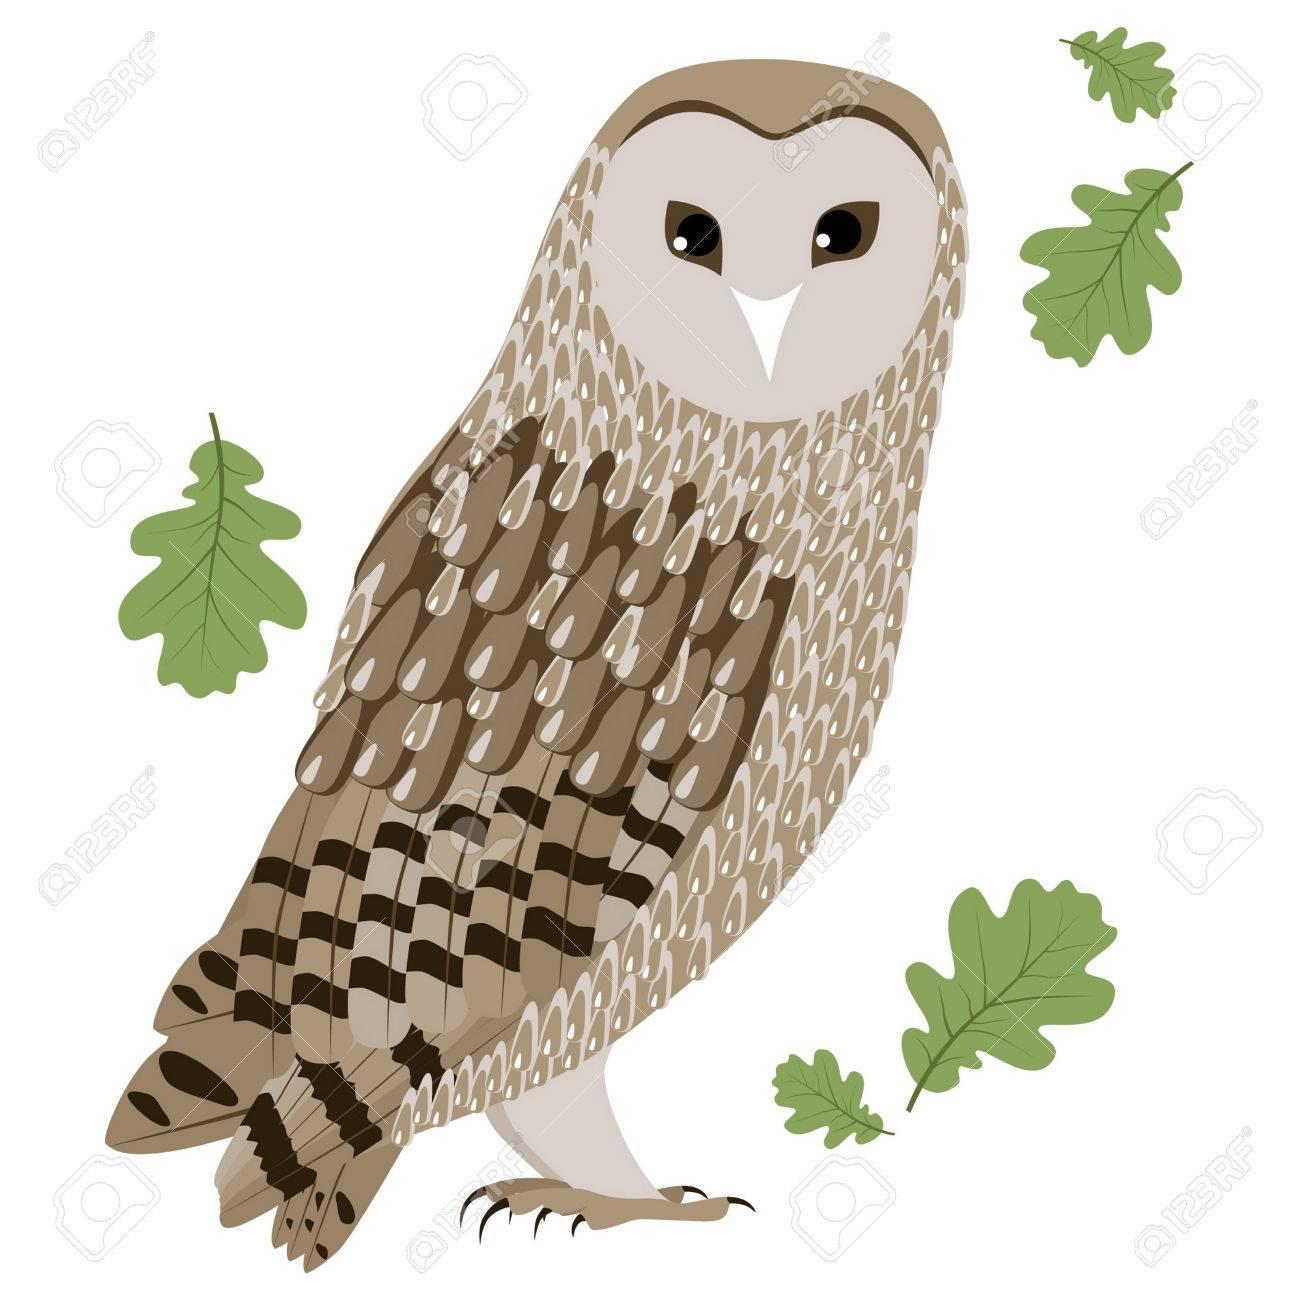 納屋フクロウのイラストメンフクロウは白い背景で隔離納屋フクロウの図